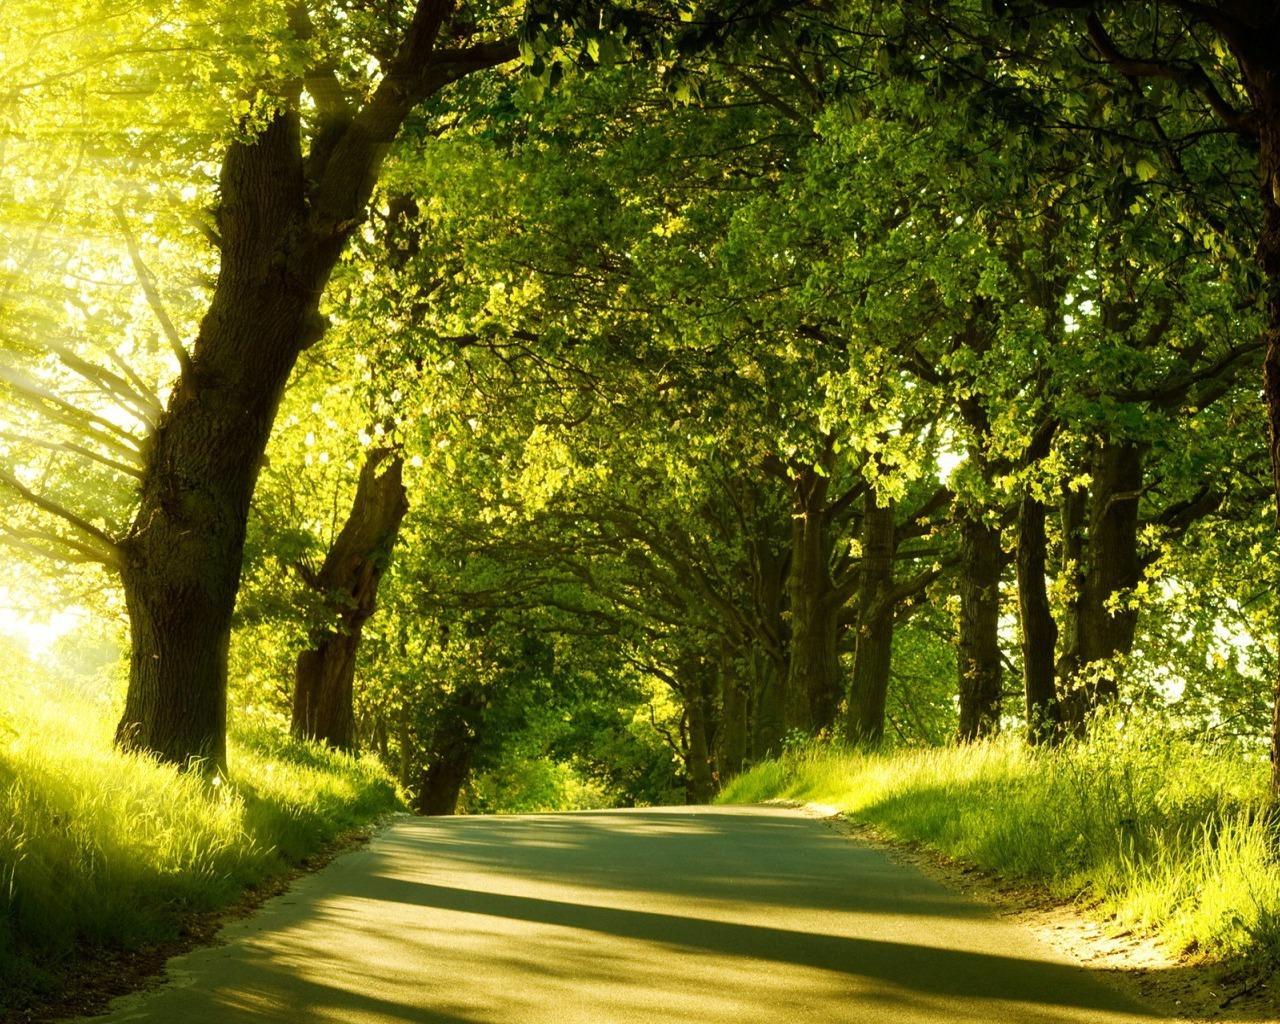 солнечный свет среди деревьев, скачать фото, обои для рабочего стола, лес